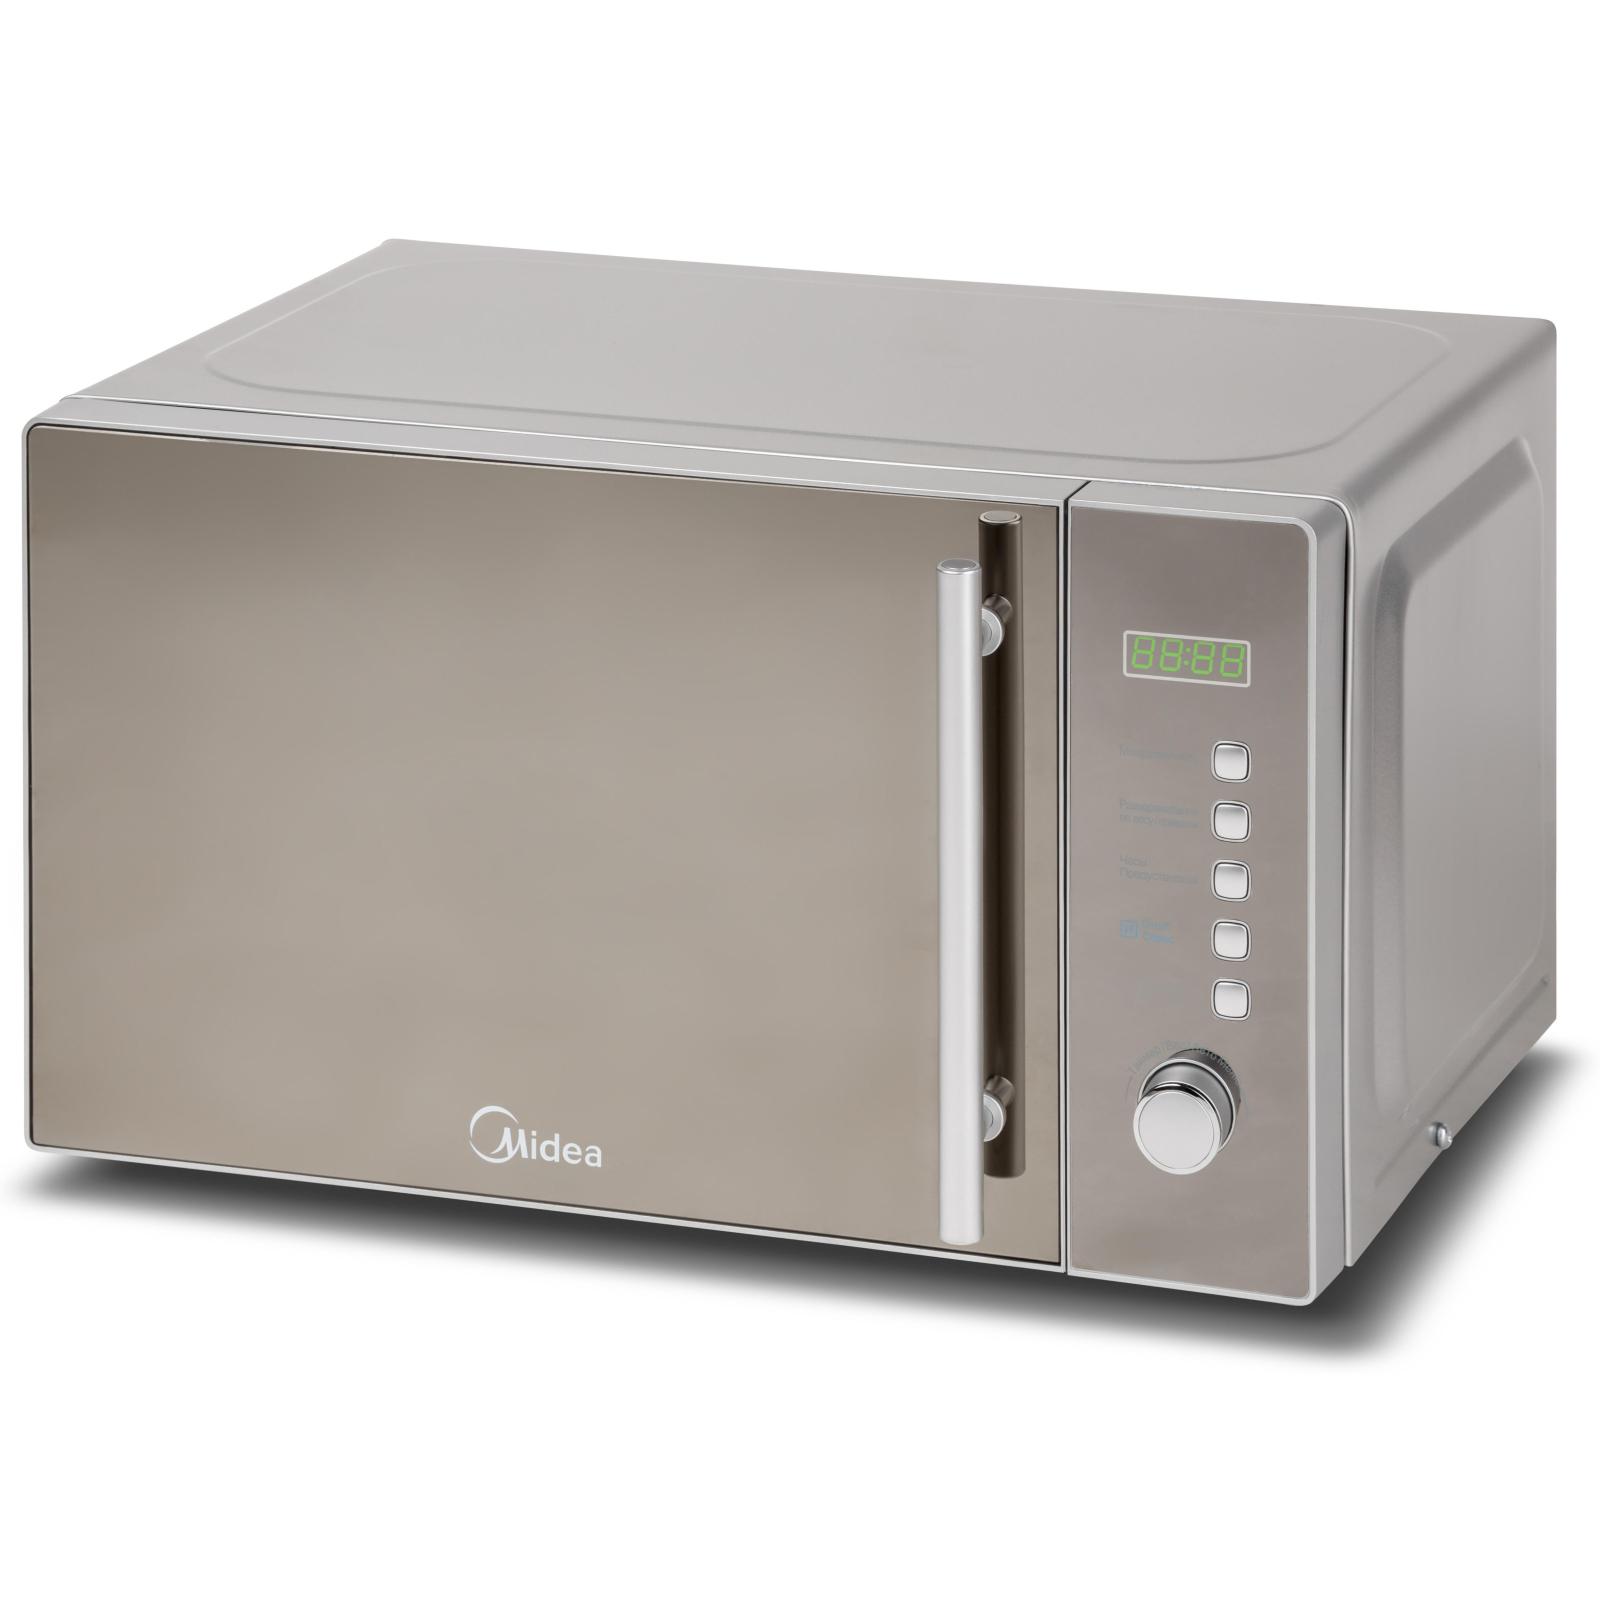 Микроволновая печь Midea AM820CMF изображение 3